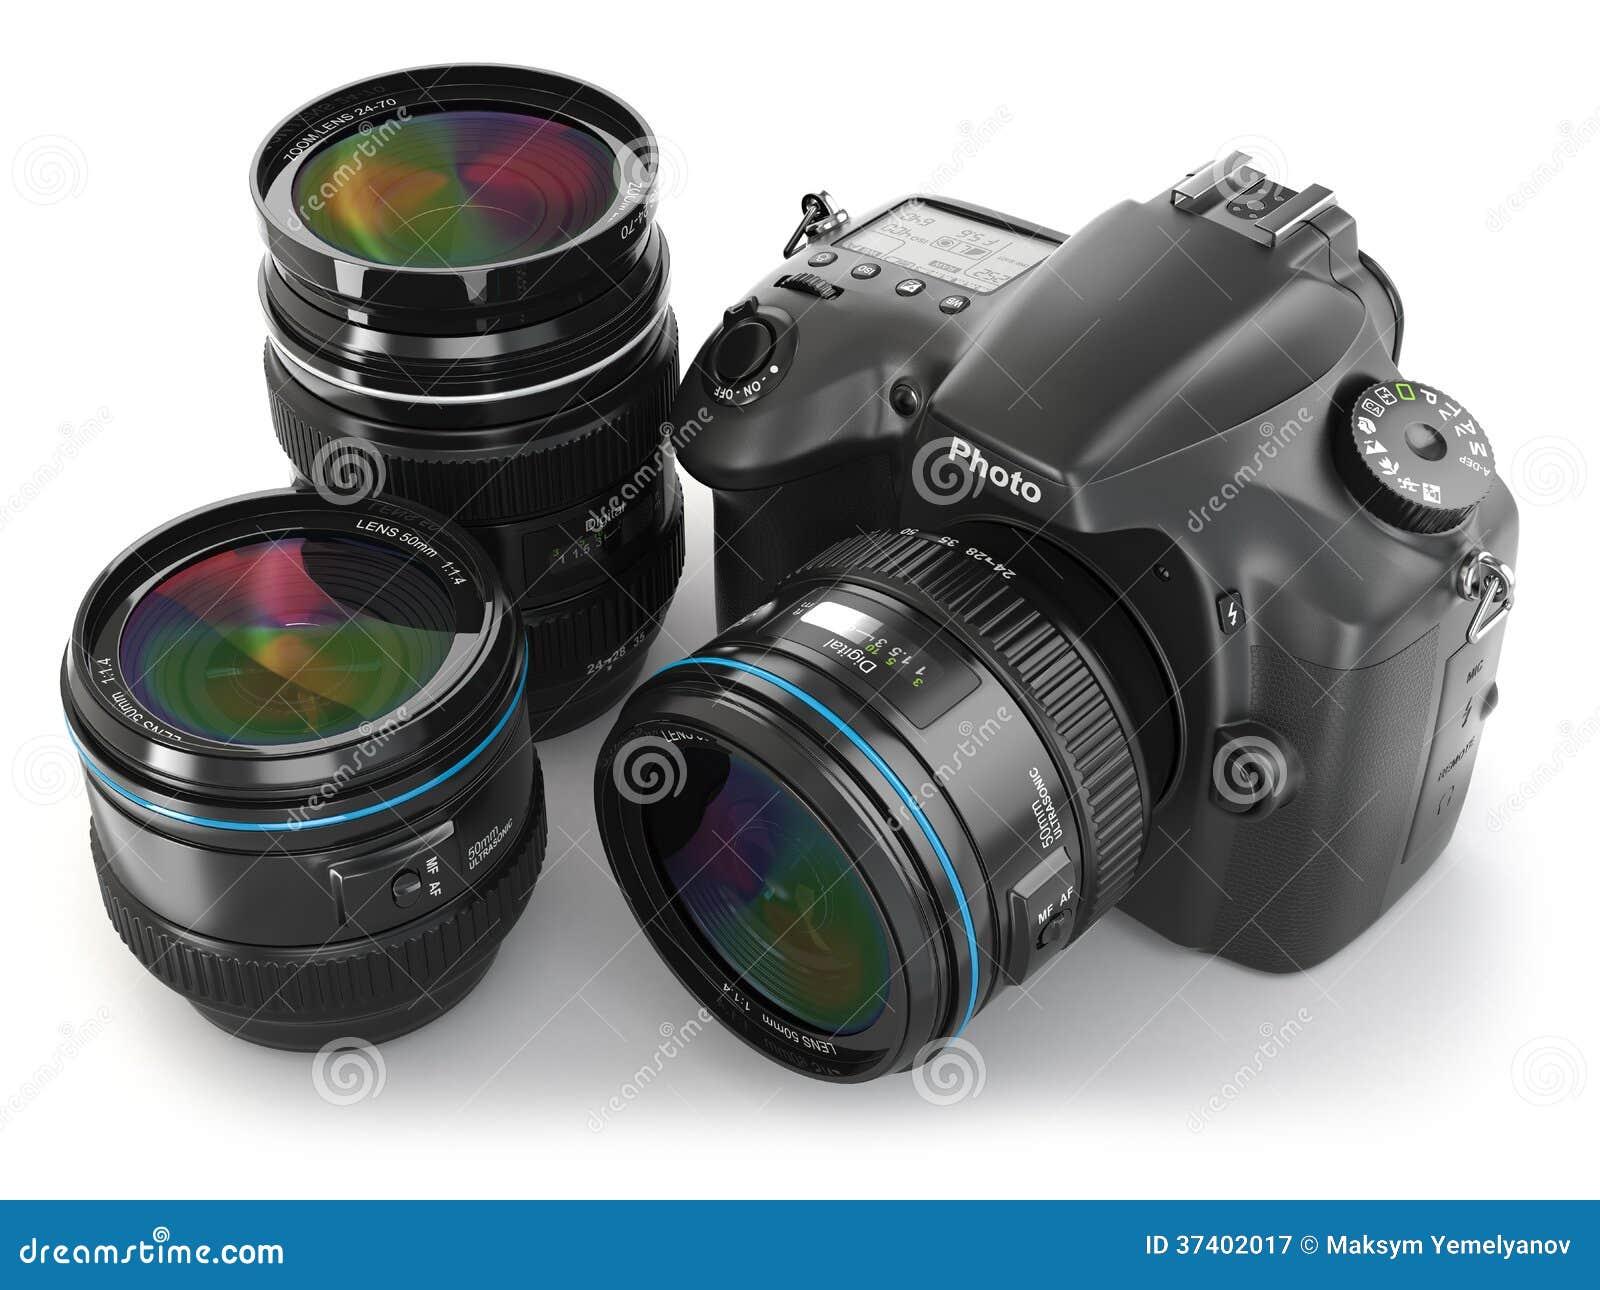 Камера slr цифров с объективом. Оборудование фотографии.